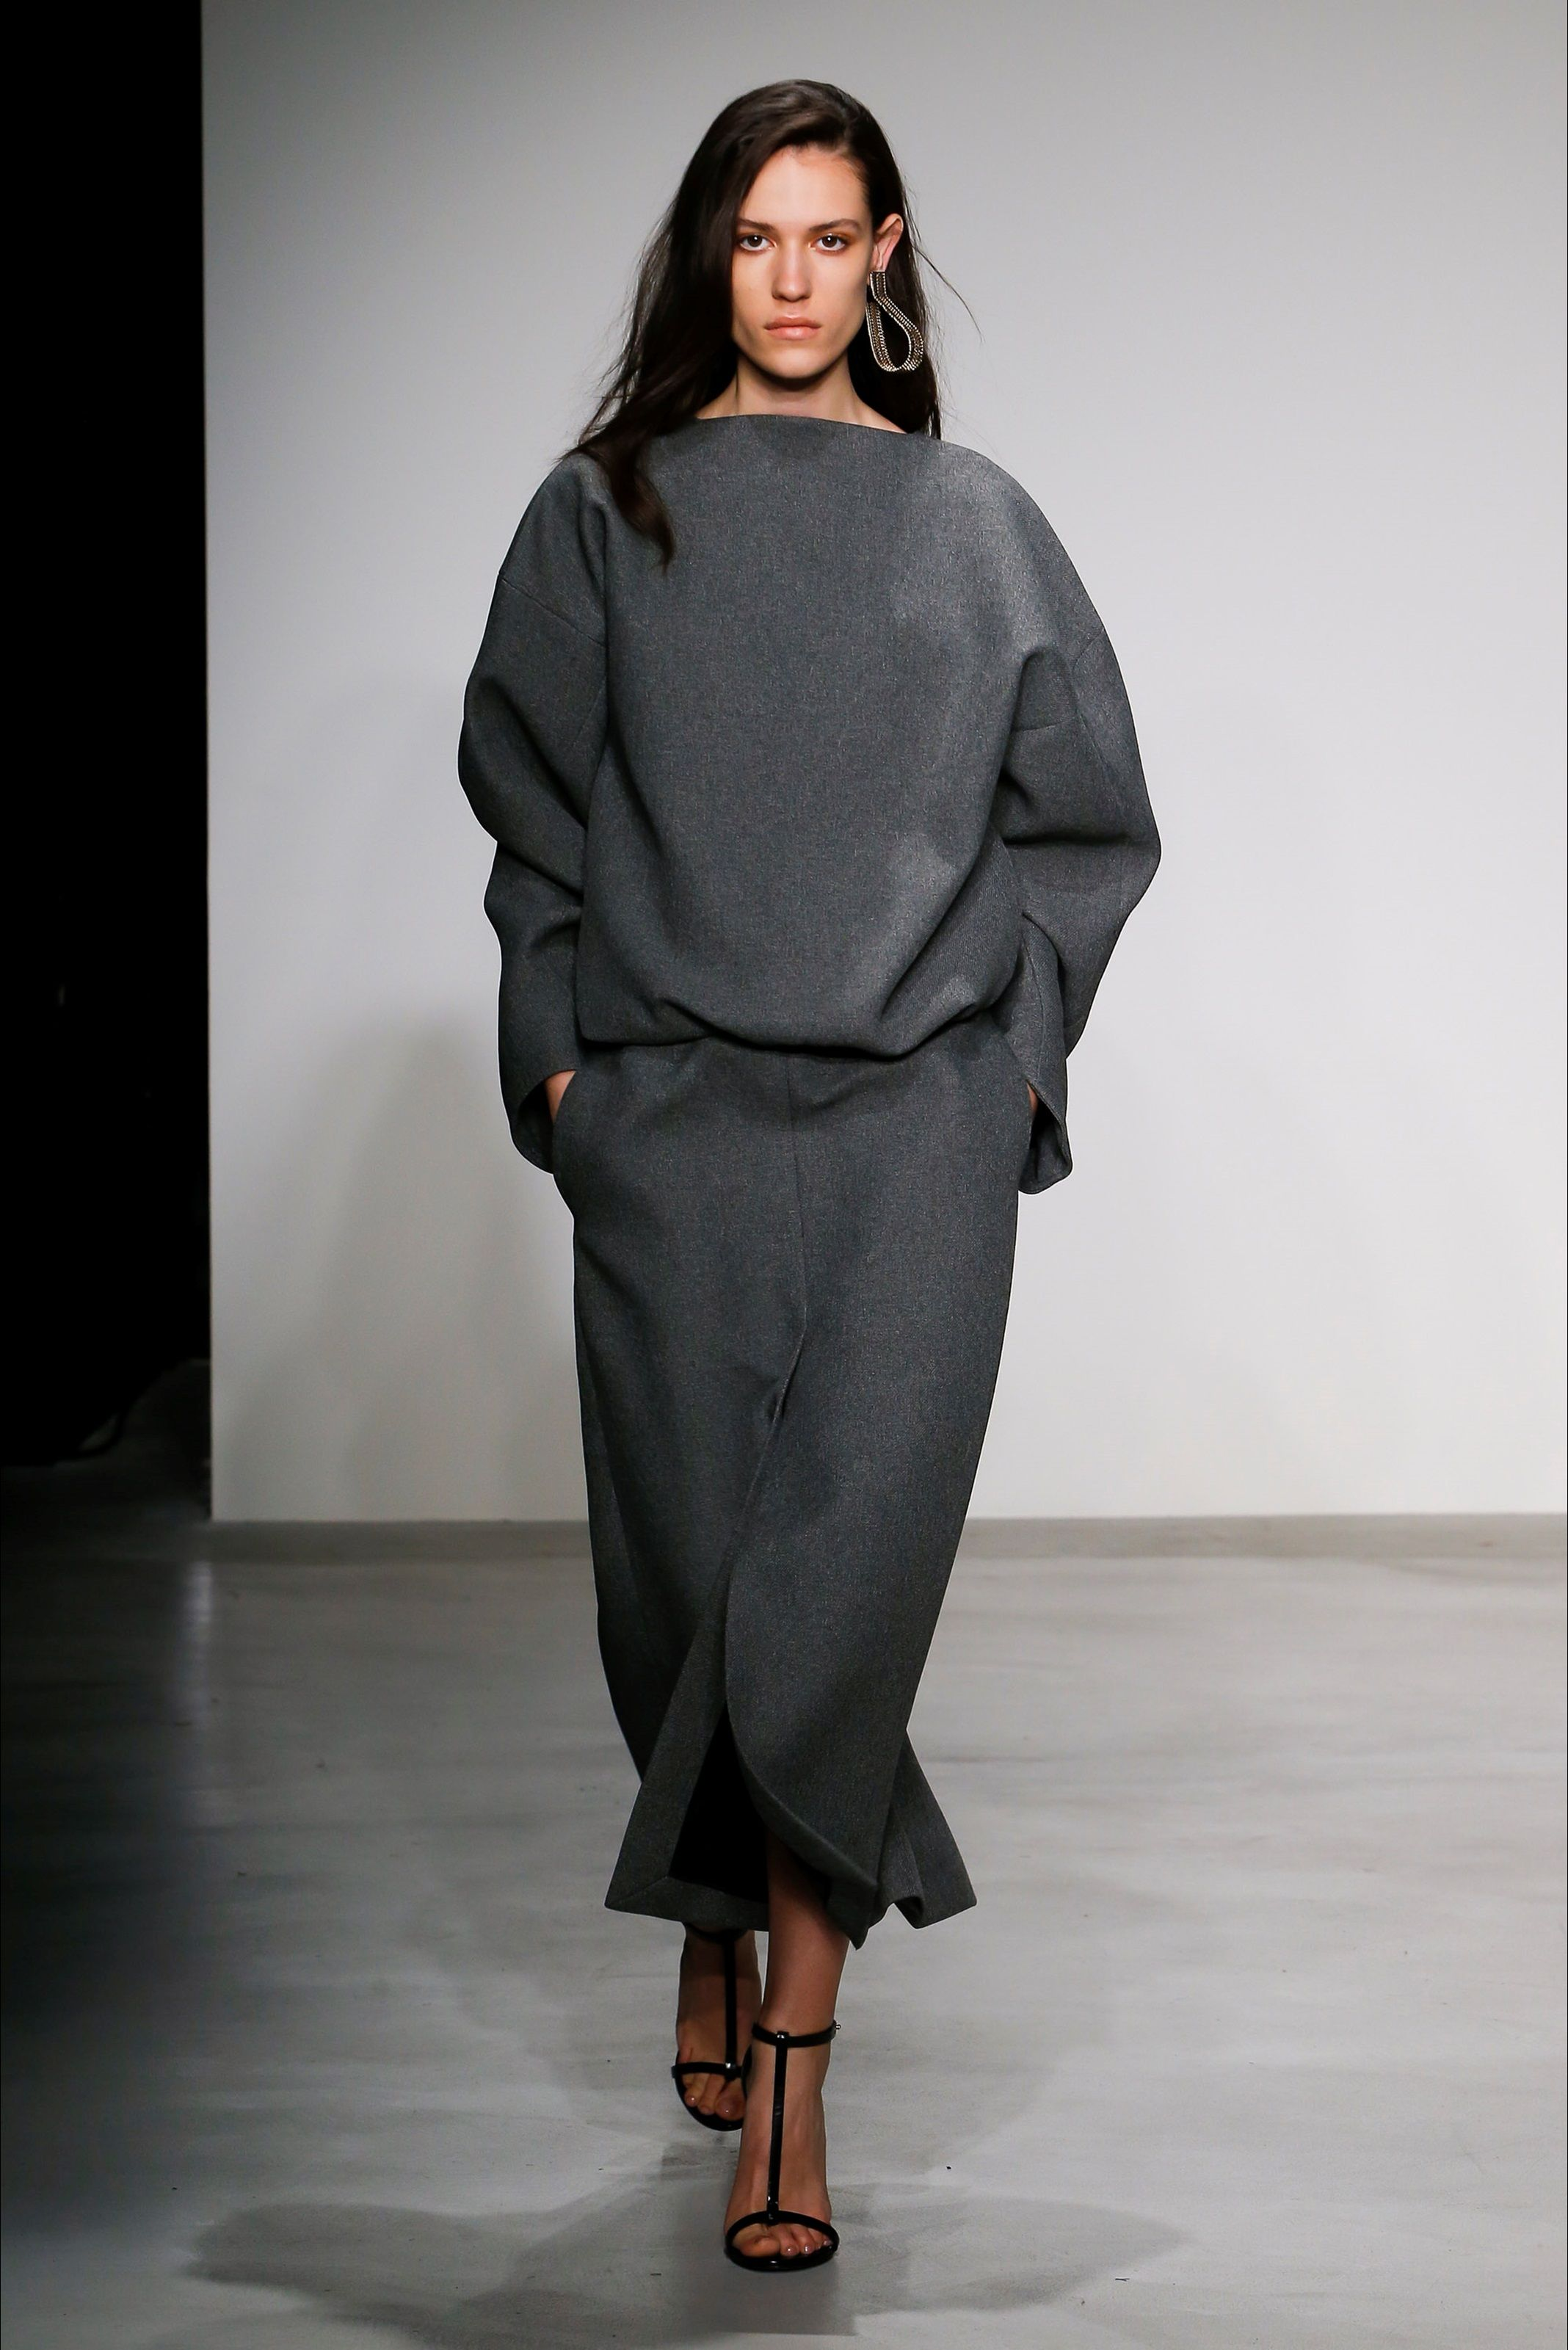 Collezione E Di Guarda A La Moda Scopri Milano Krizia Sfilata p7nz7xq0